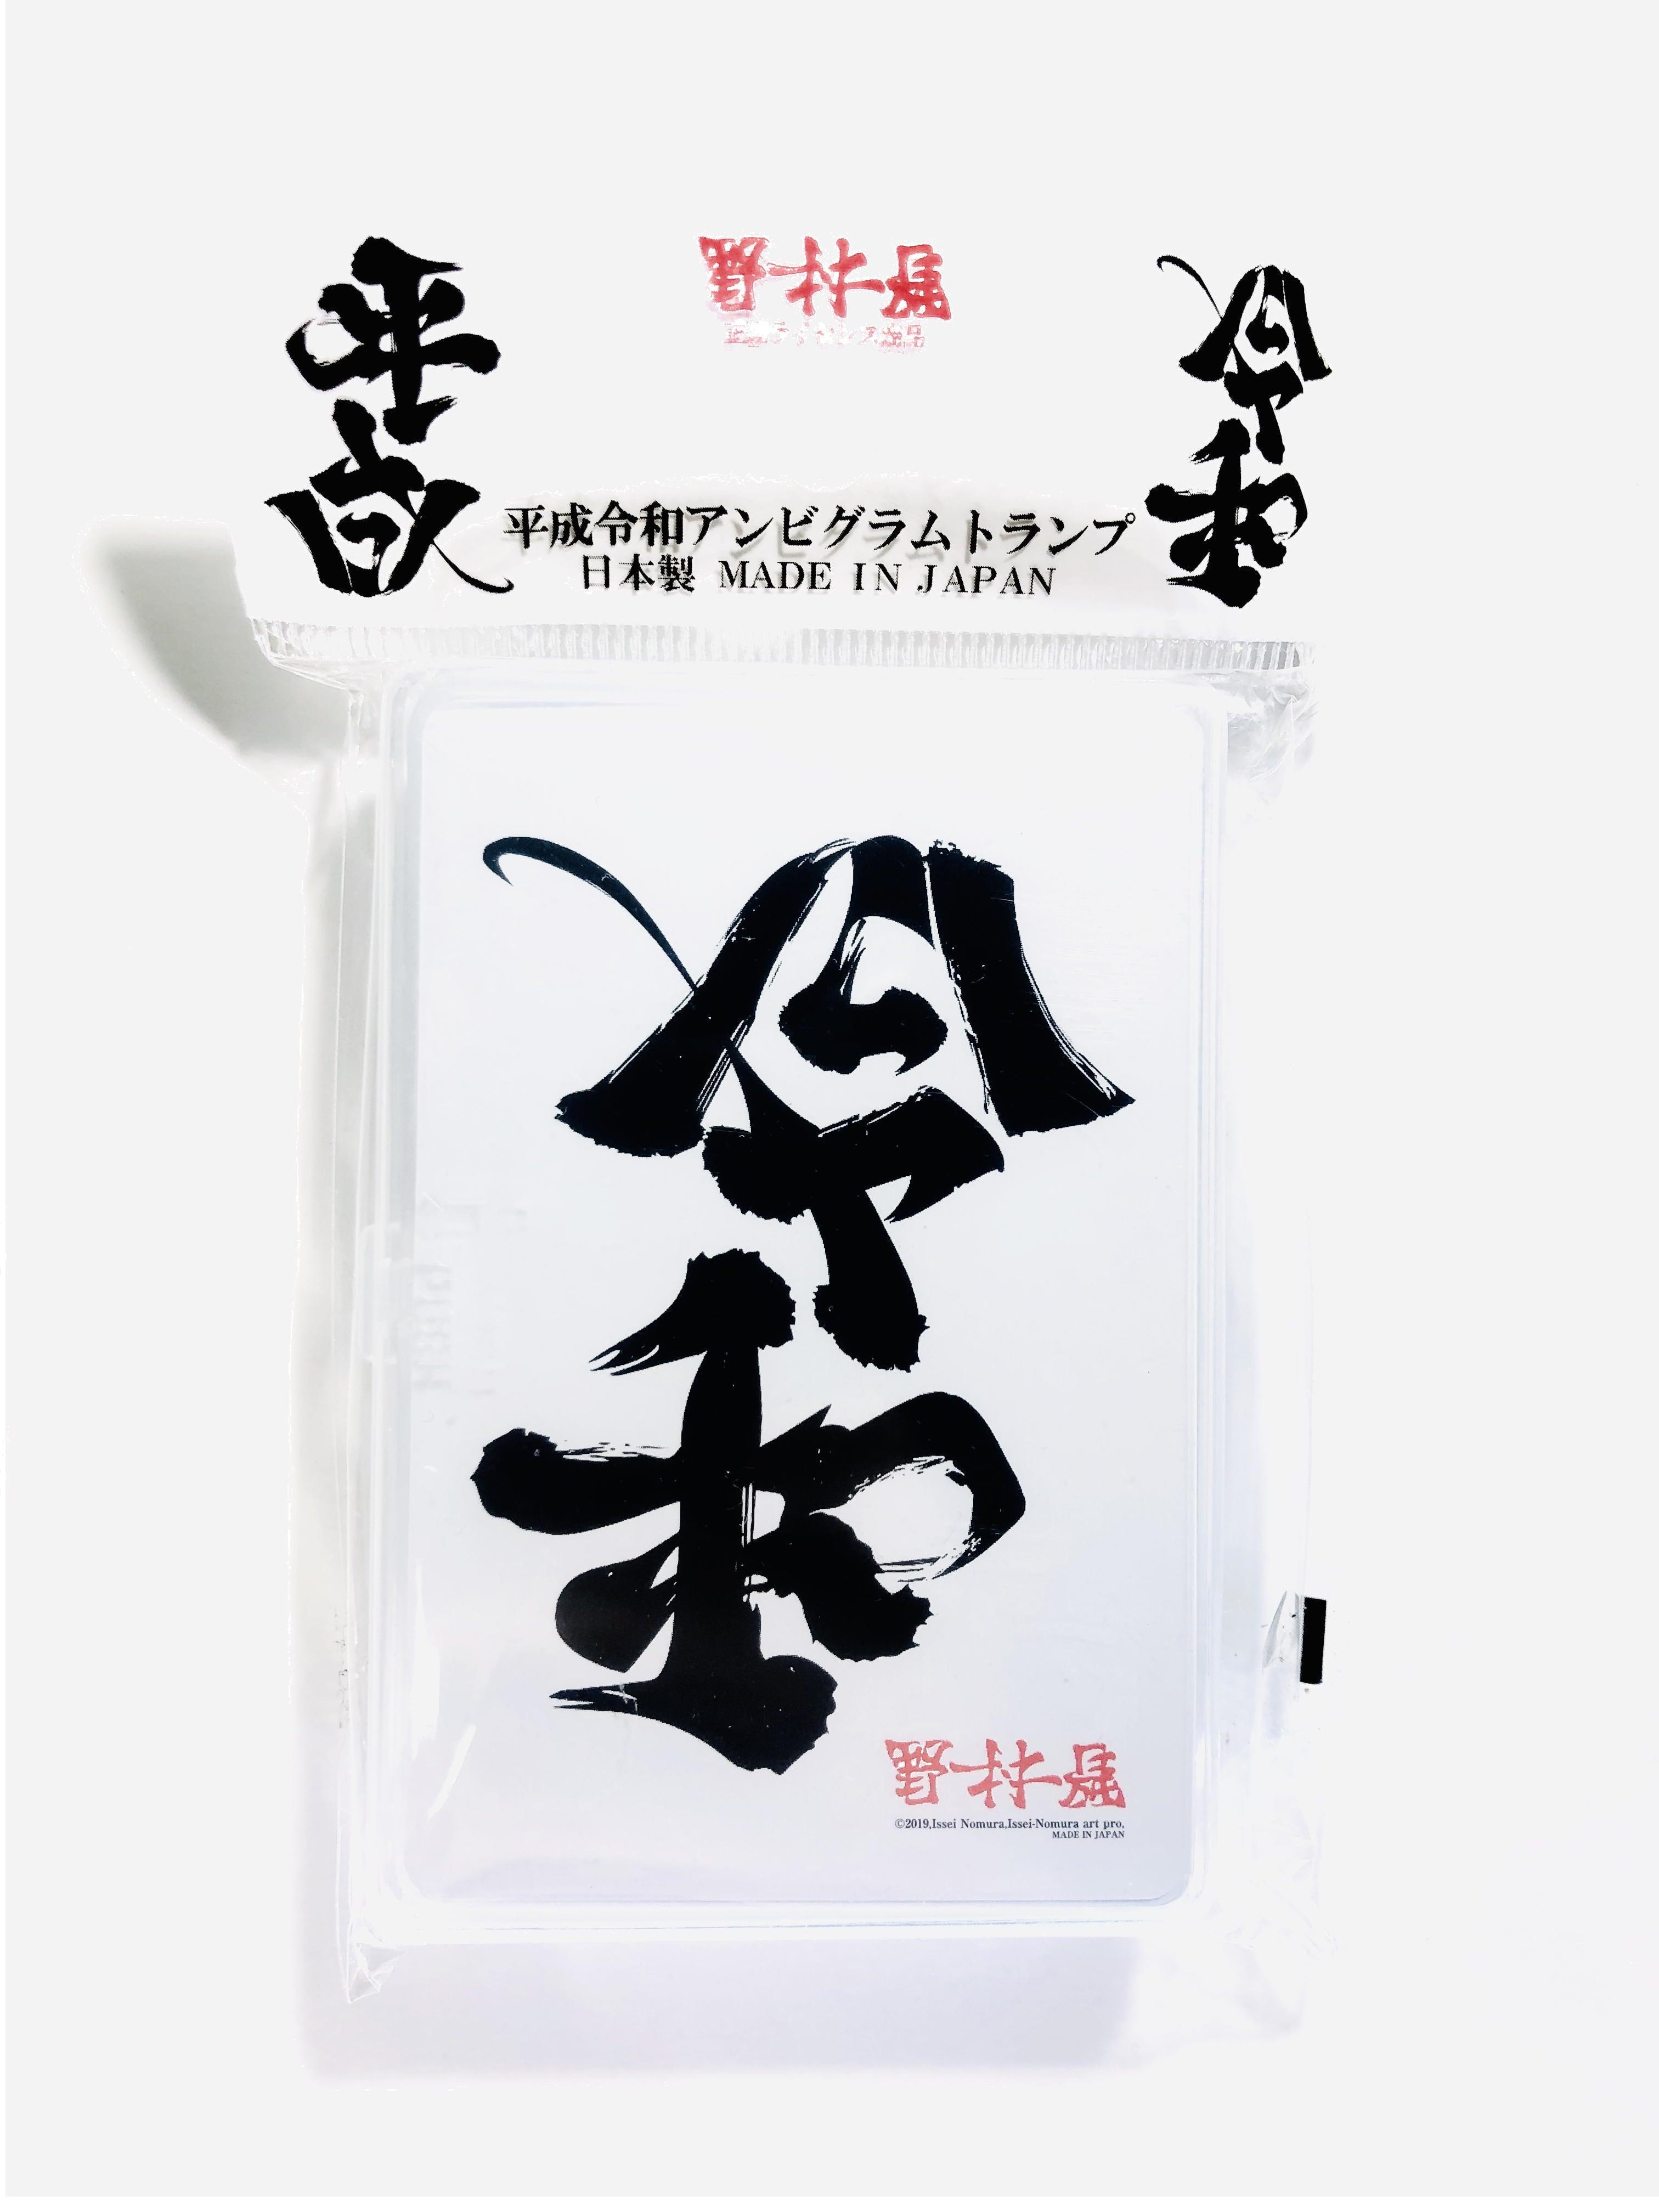 トランプ 「平成⇔令和」